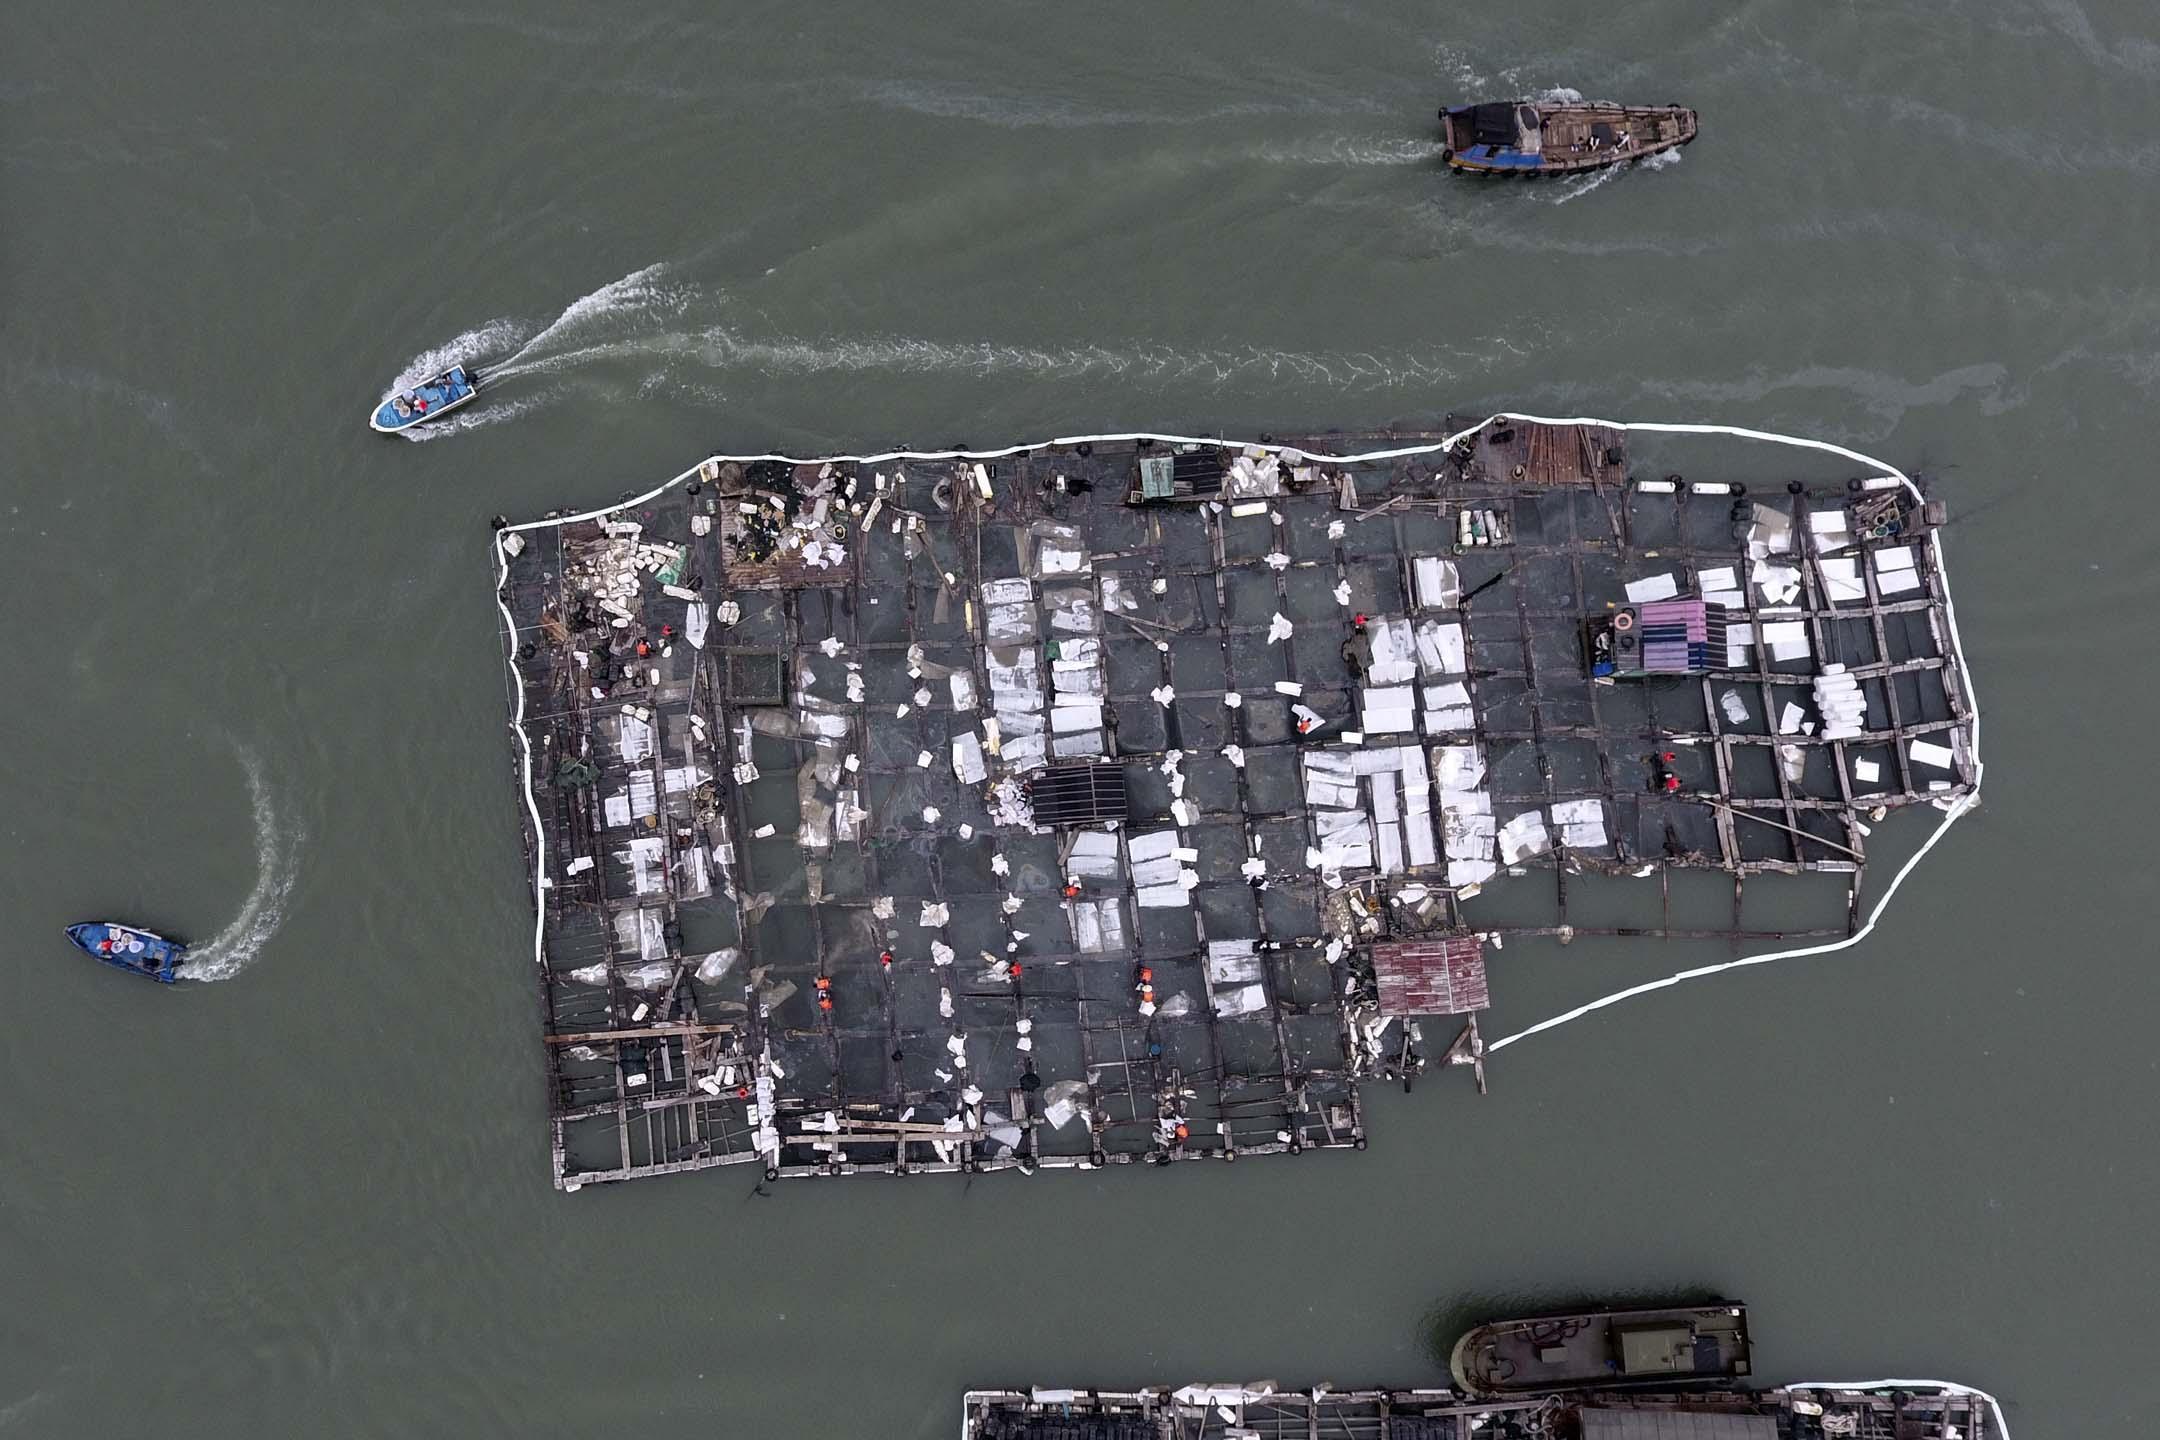 2018年11月9日,福建泉州碳九泄漏影響近海,安全生產責任事故引發環境汙染。漁排養殖區內漁排的清汙、加固等工作還在進行中,在受損較嚴重的漁排區,現場工作人員正把網箱內的汙染物進行清理。